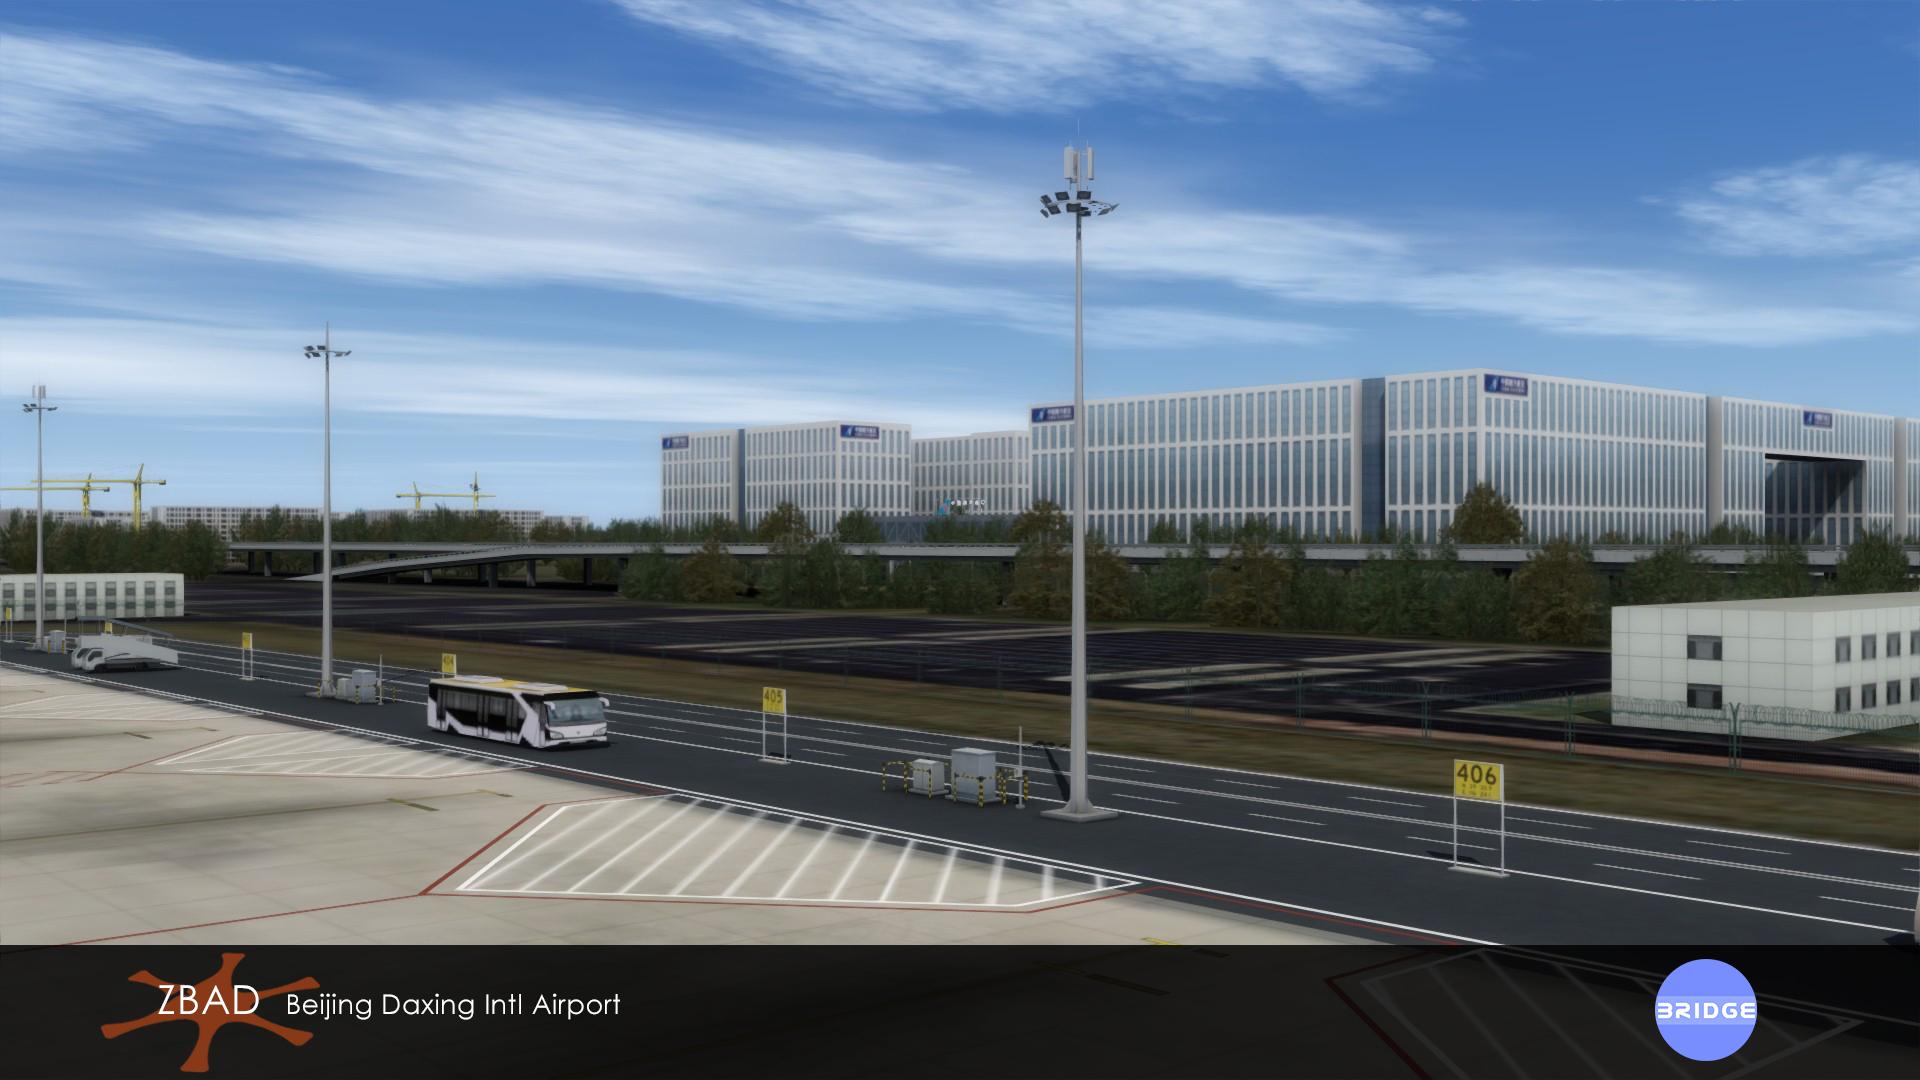 BRIDGE - BEIJING DAXING INTL AIRPORT ZBAD P3D